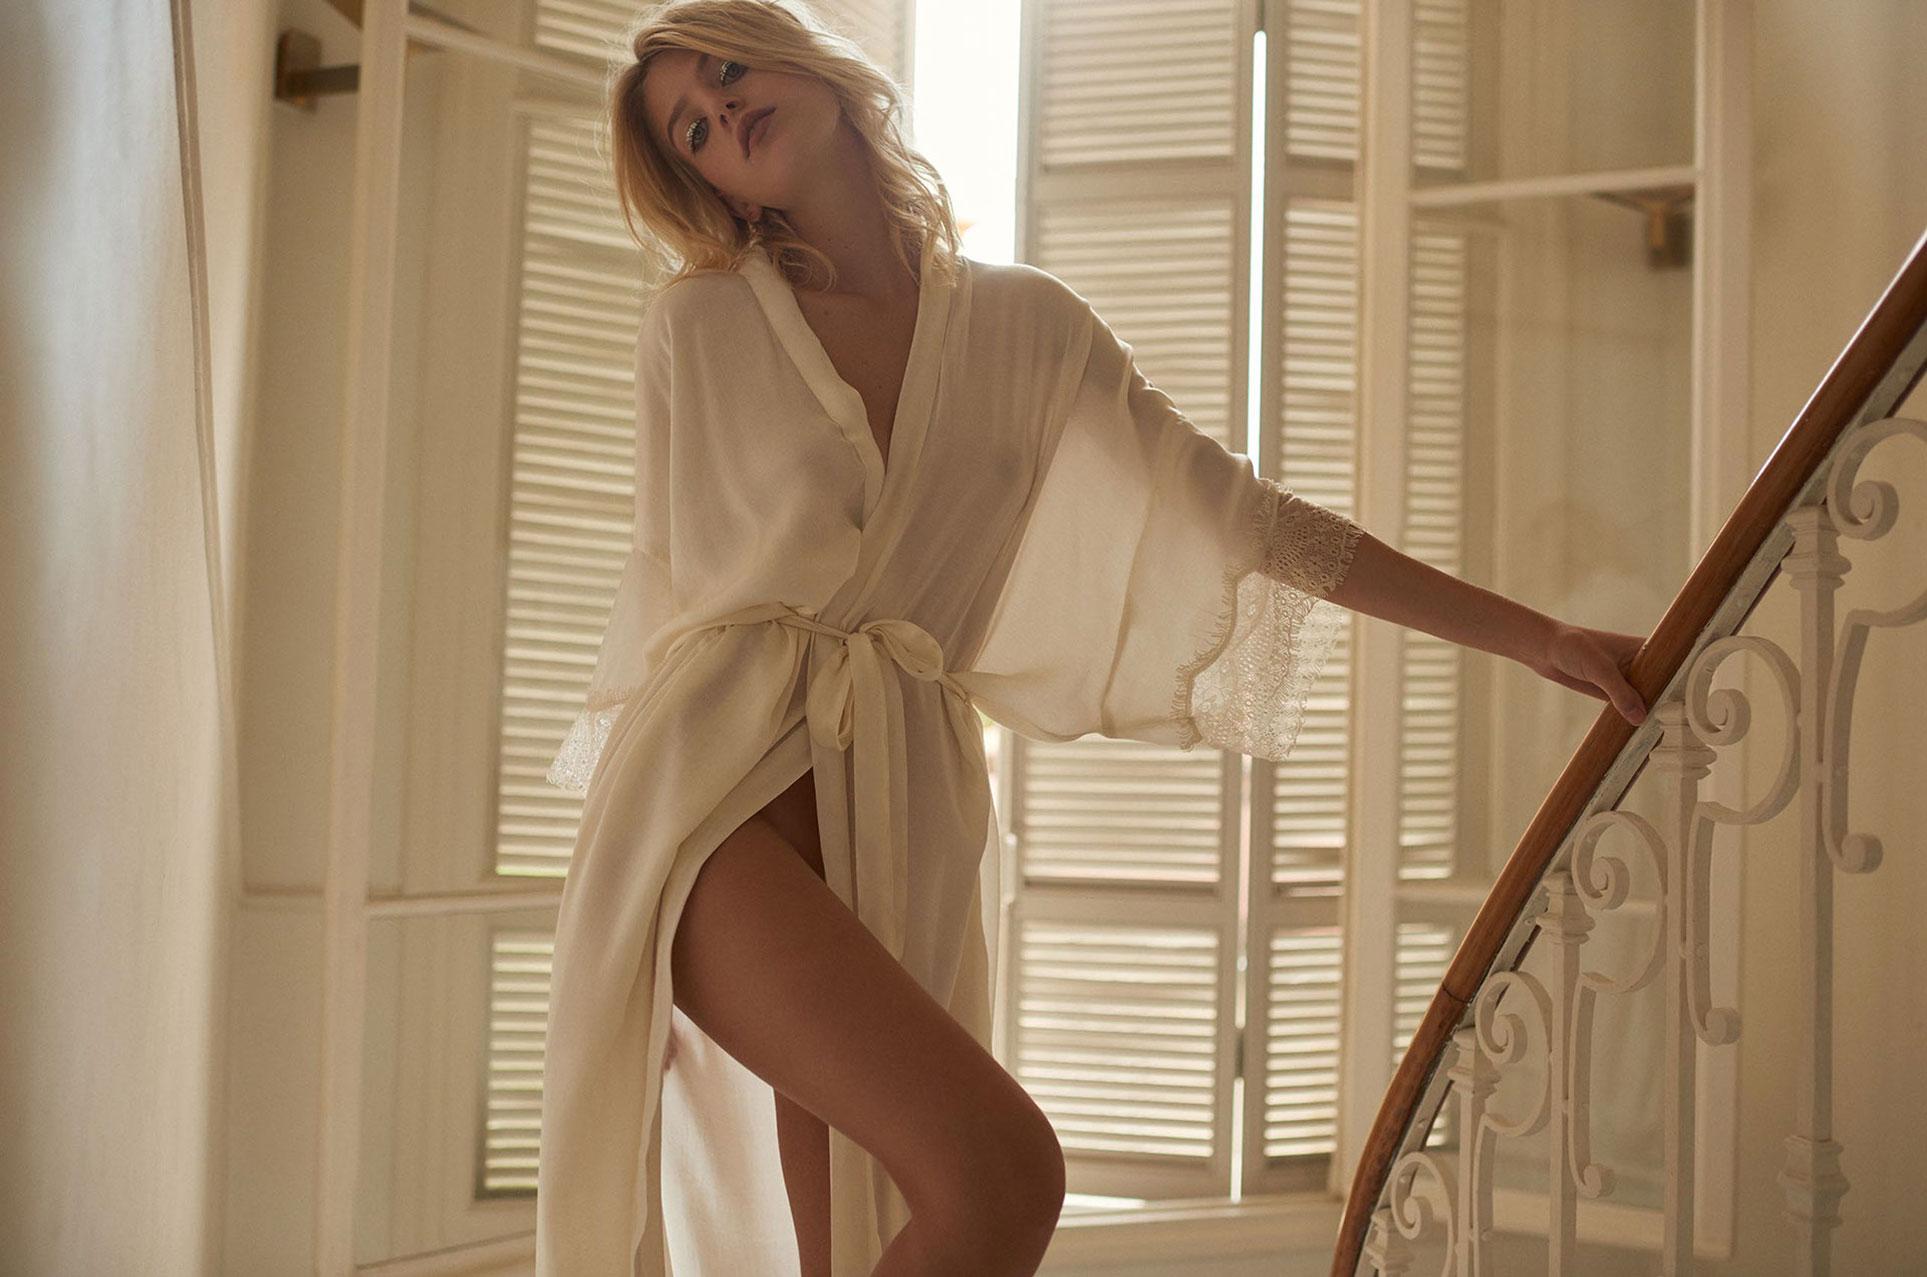 Рекламная кампания нижнего белья и одежды для отдыха Underprotection Lingerie and Loungewear spring-summer 2018 / Line Kjaergaard by Henrik Adamsen